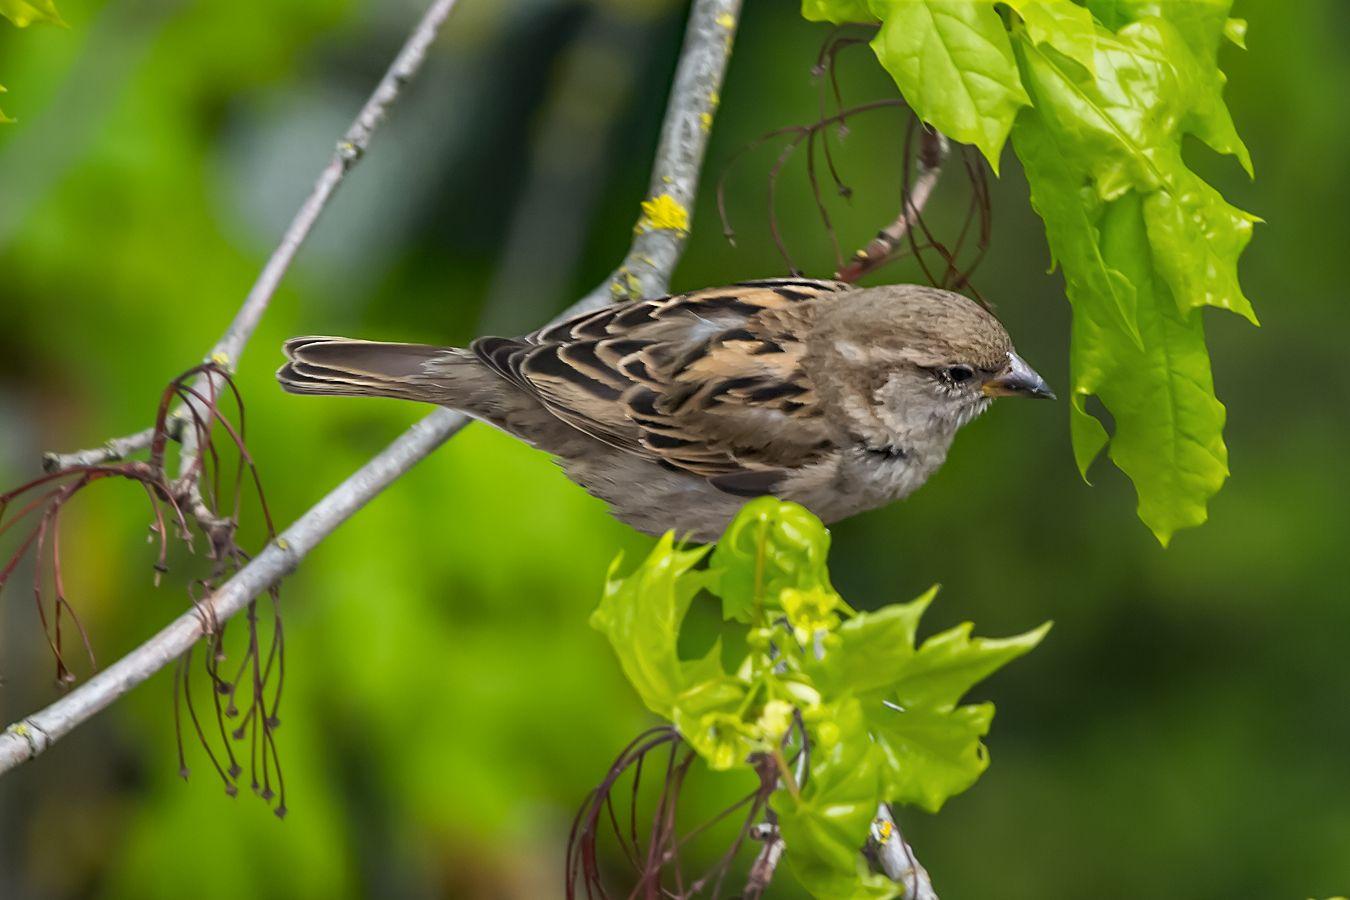 Воробей. Природа птица воробей